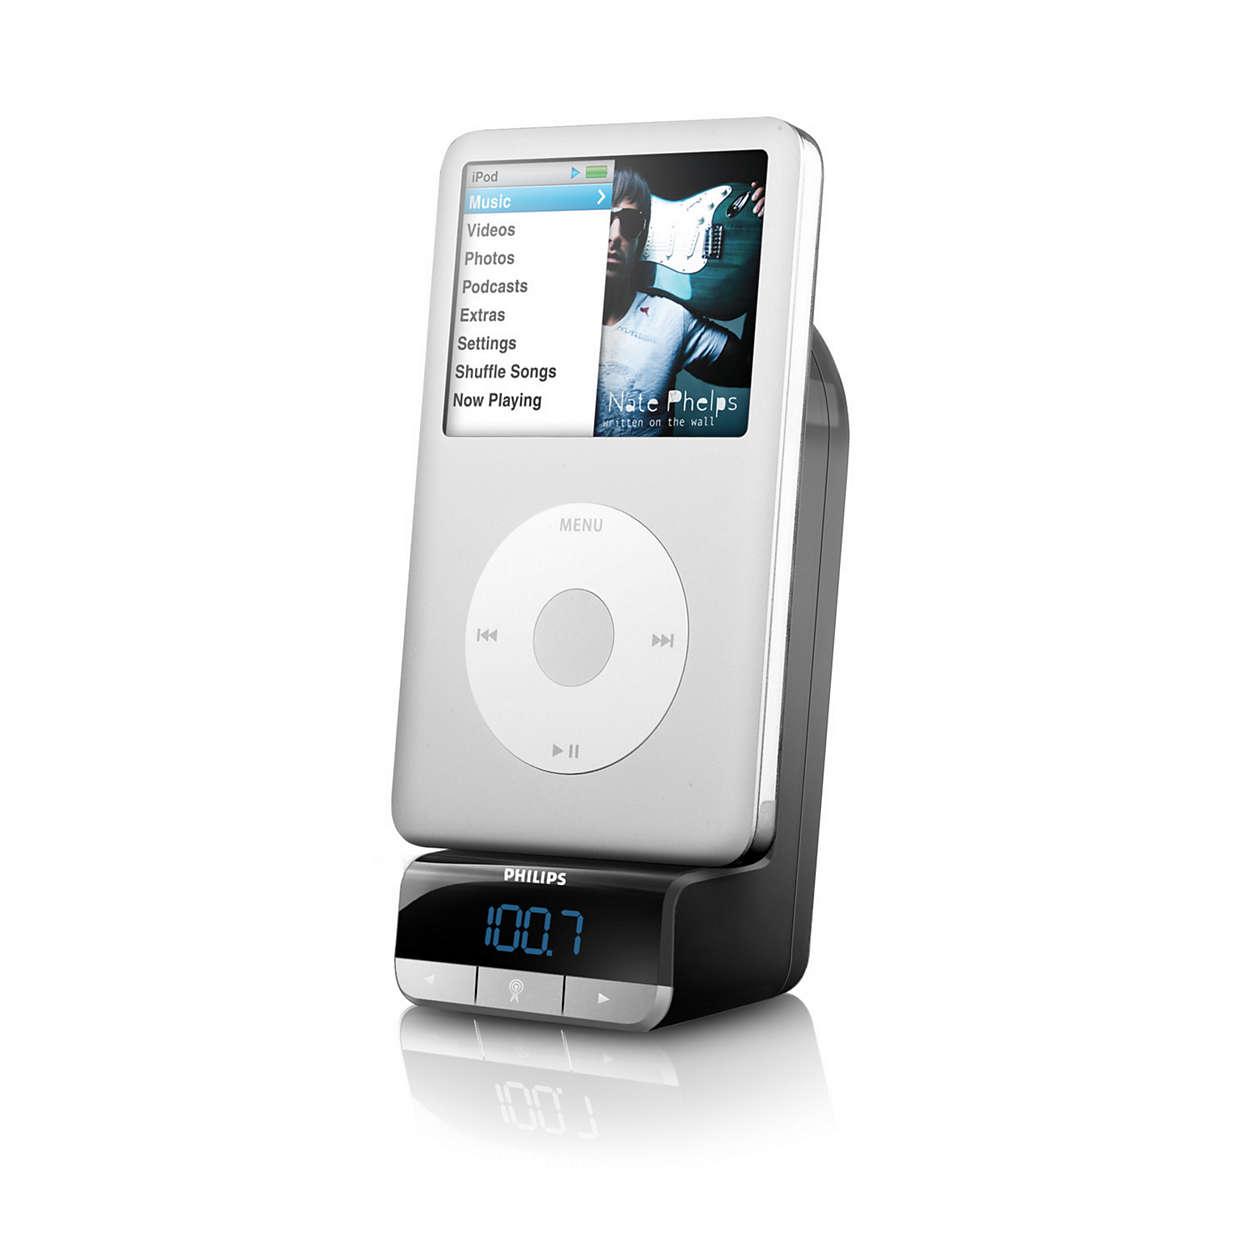 Възпроизвеждате, зареждате и монтирате iPod в колата